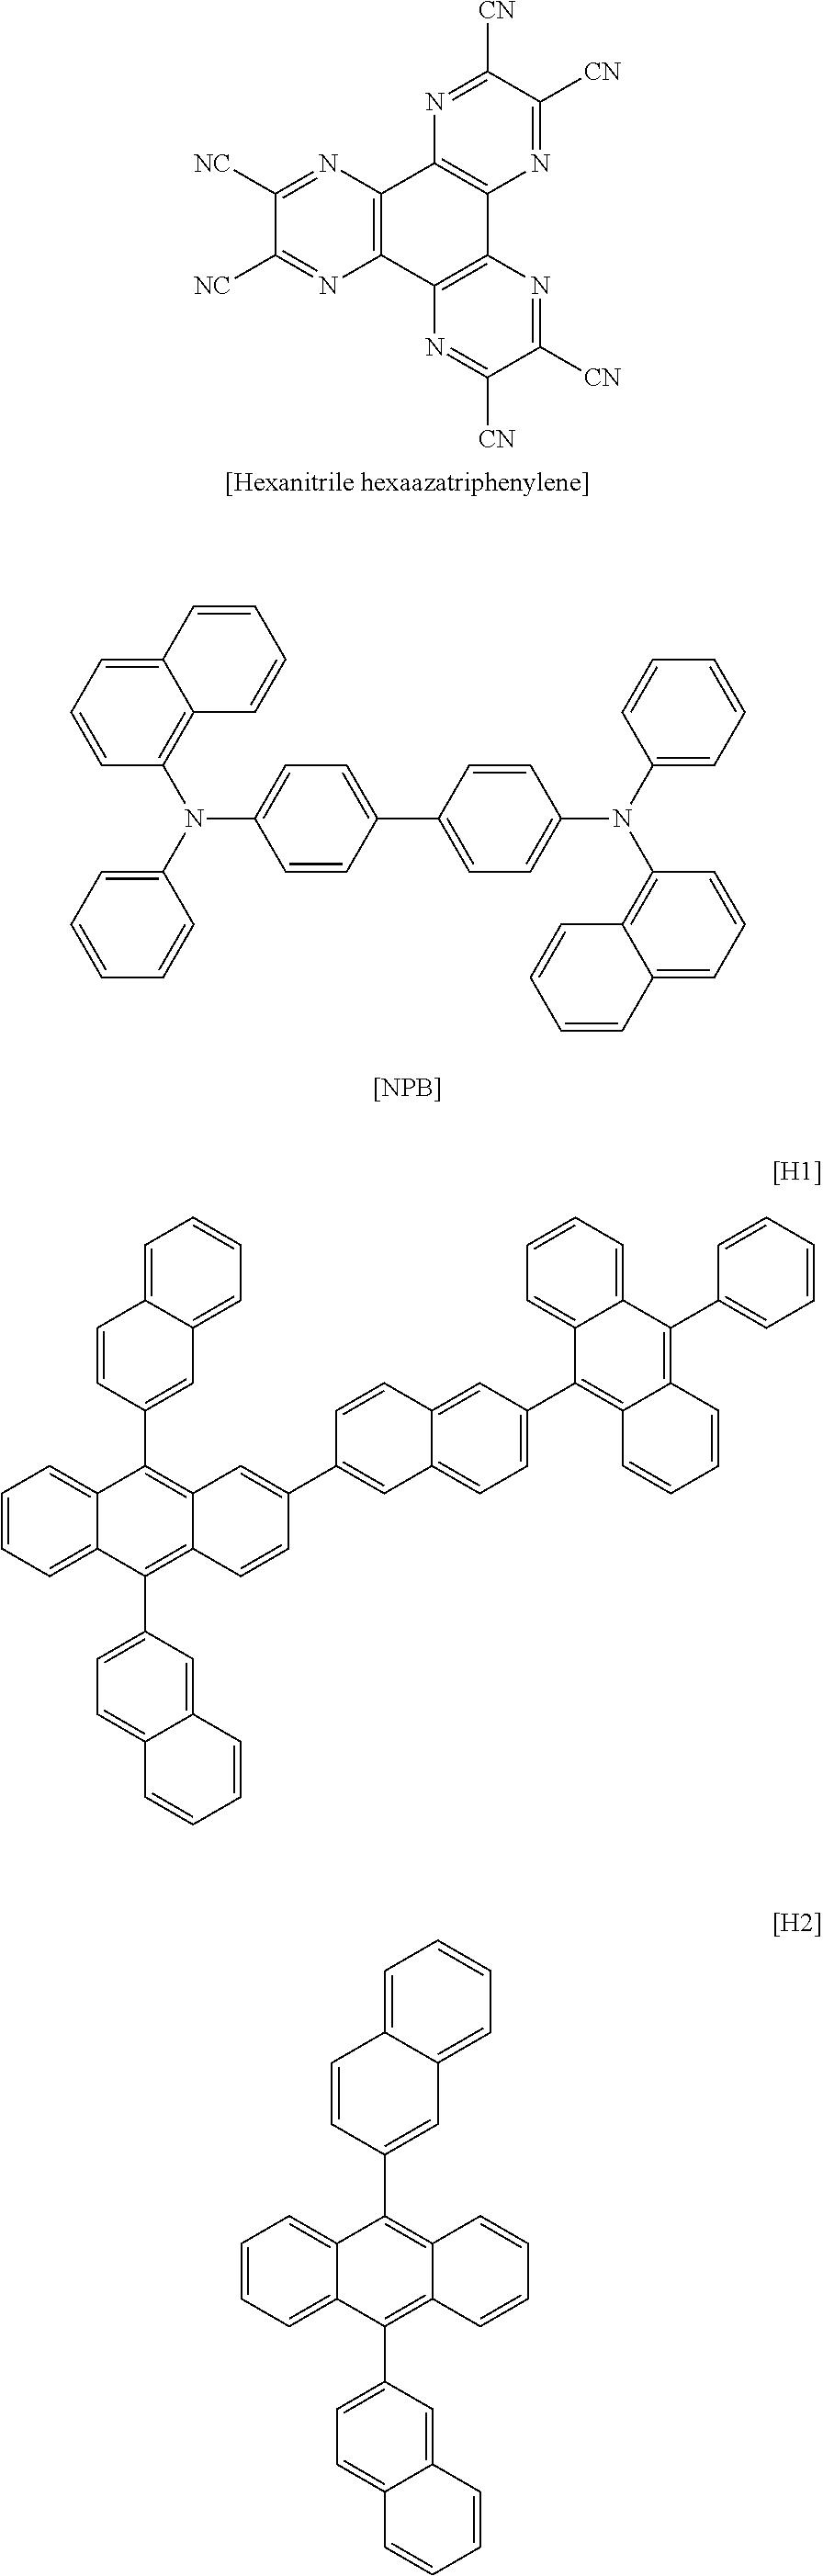 Figure US20140103325A1-20140417-C00023